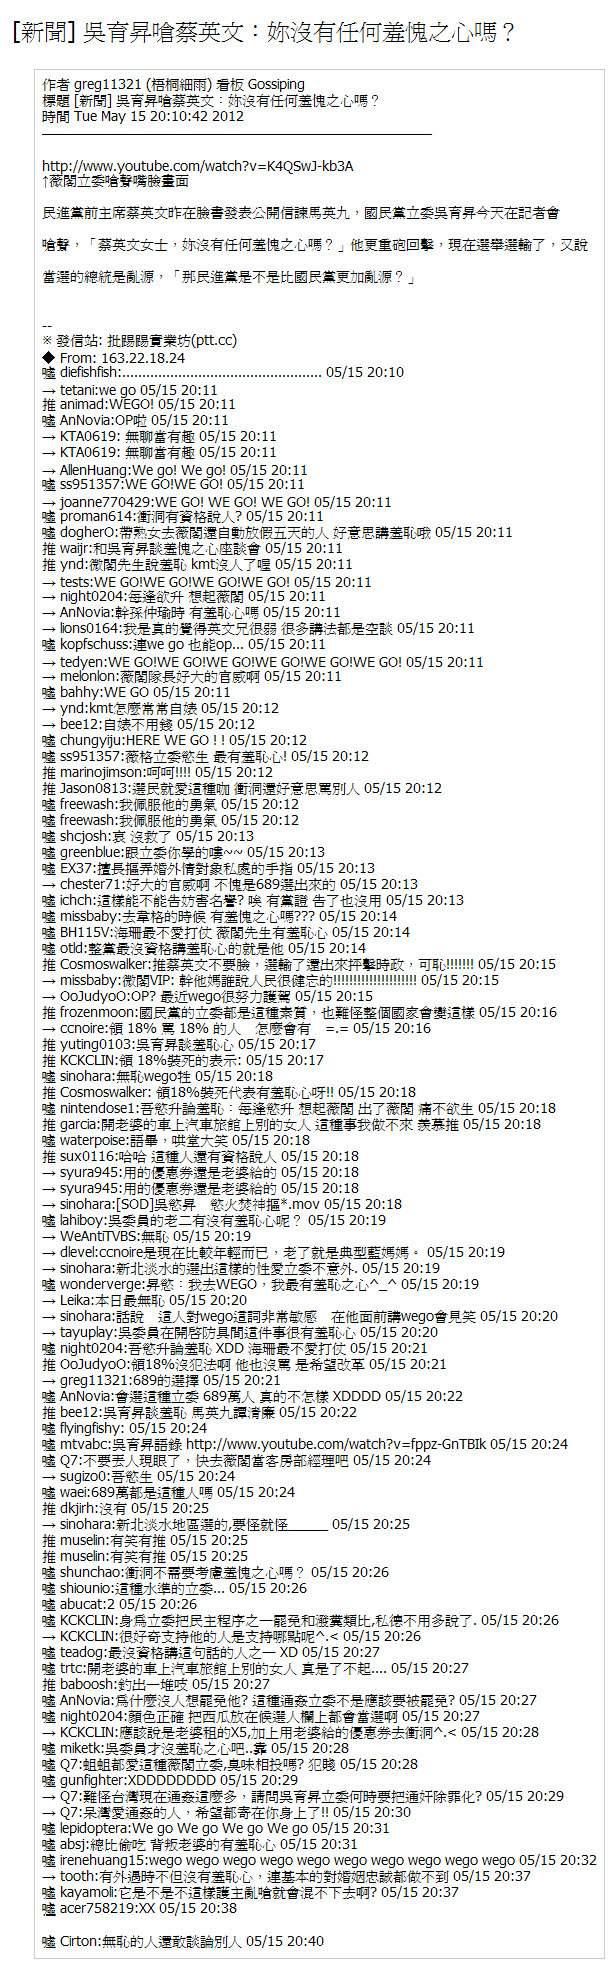 吳育昇嗆蔡英文:妳沒有任何羞愧之心嗎?-2012.05.15